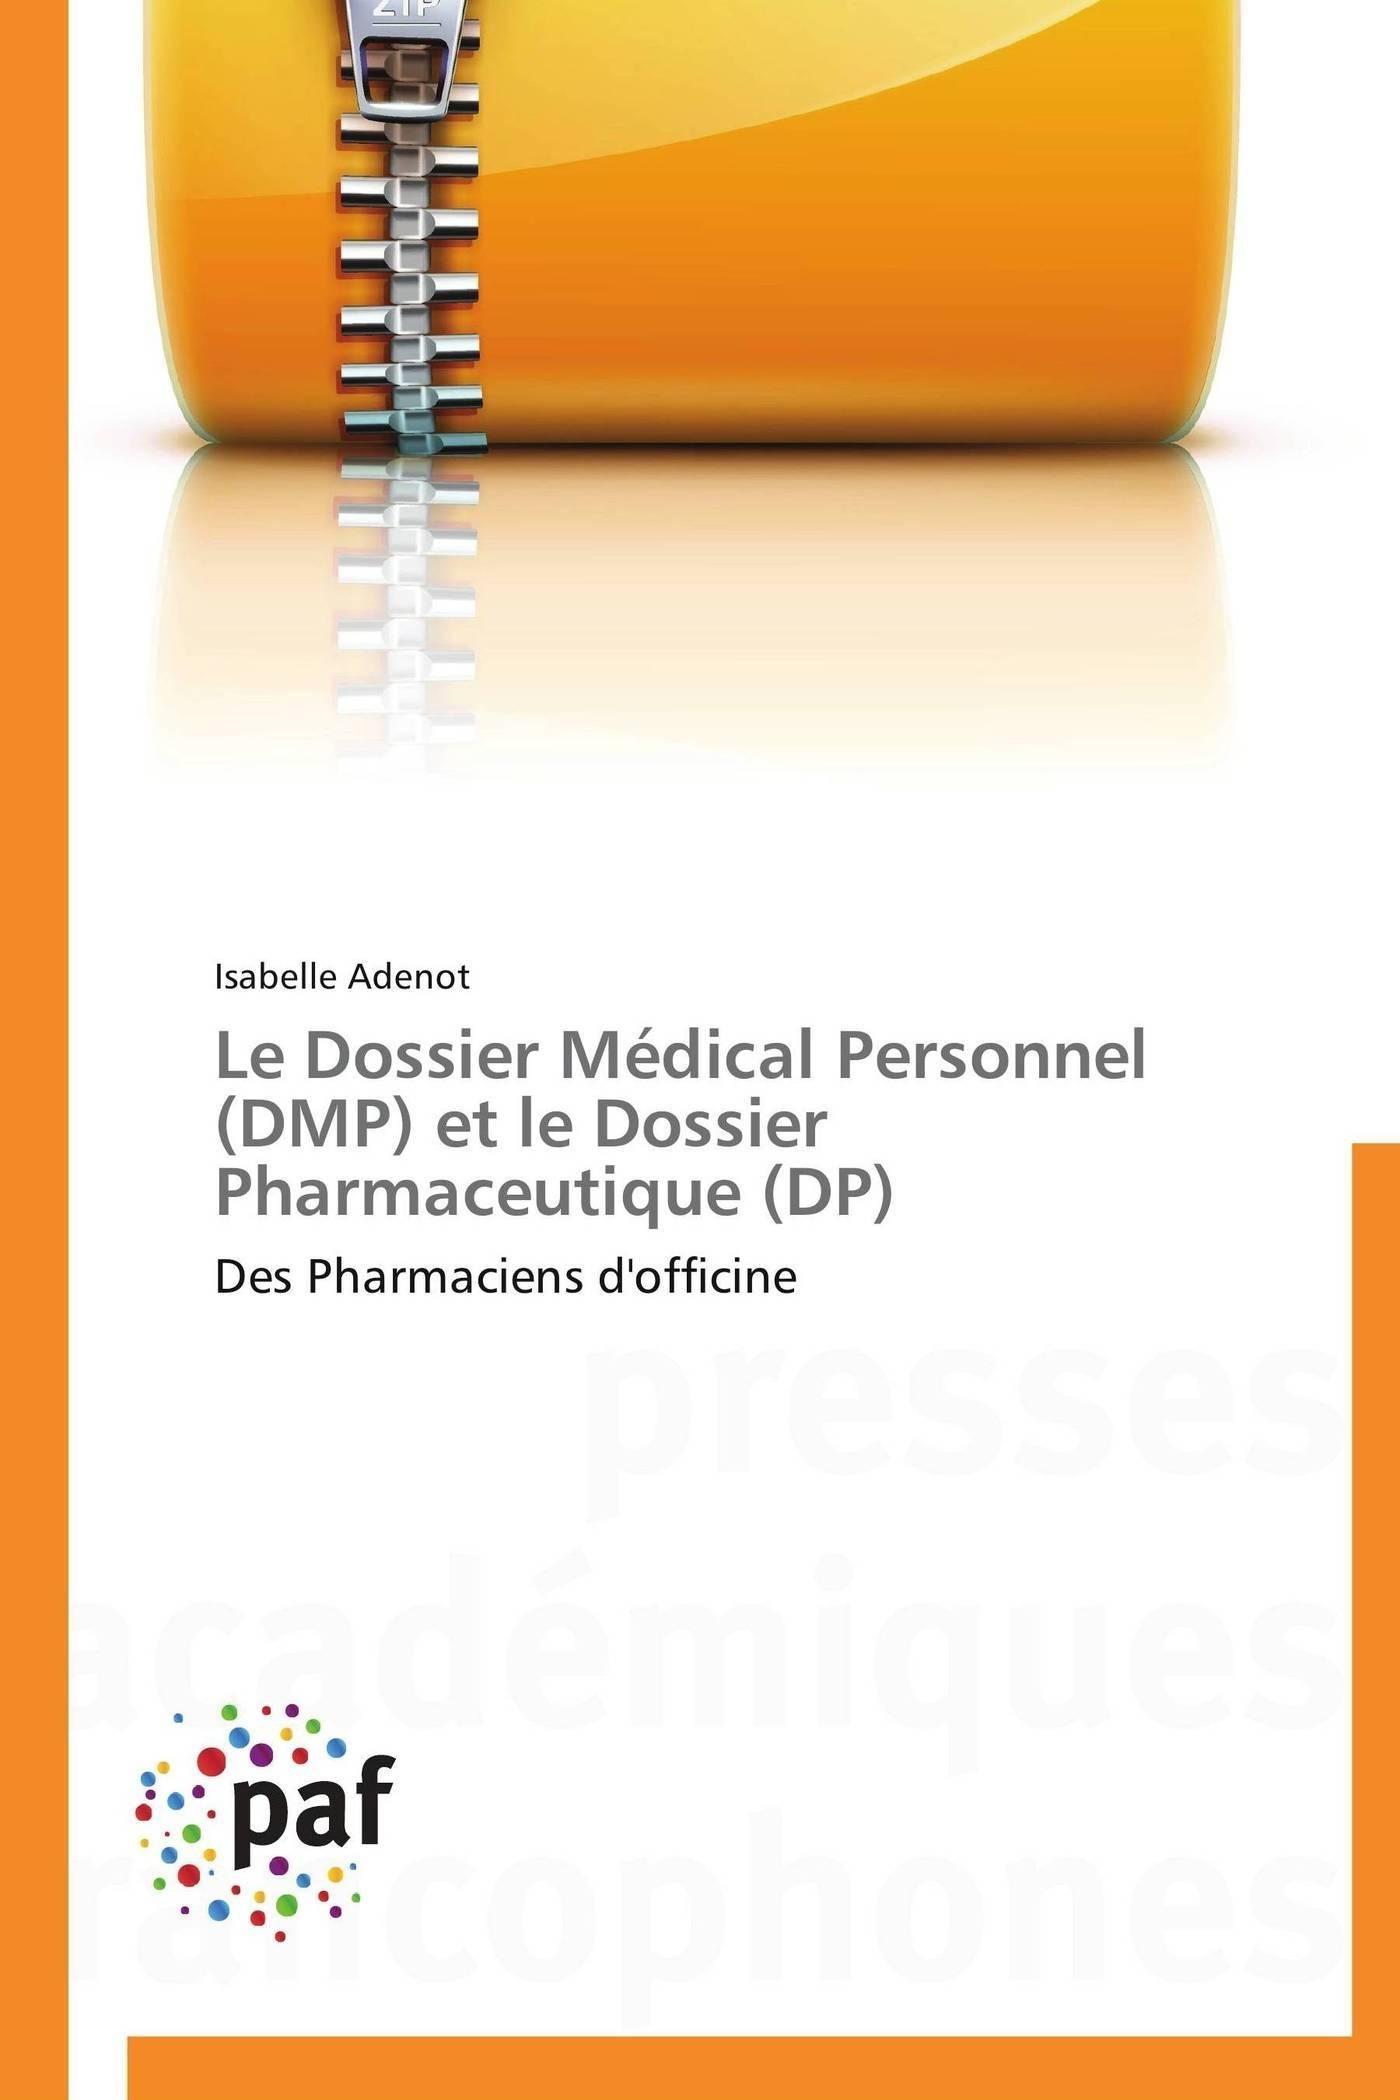 LE DOSSIER MEDICAL PERSONNEL (DMP) ET LE DOSSIER PHARMACEUTIQUE (DP)